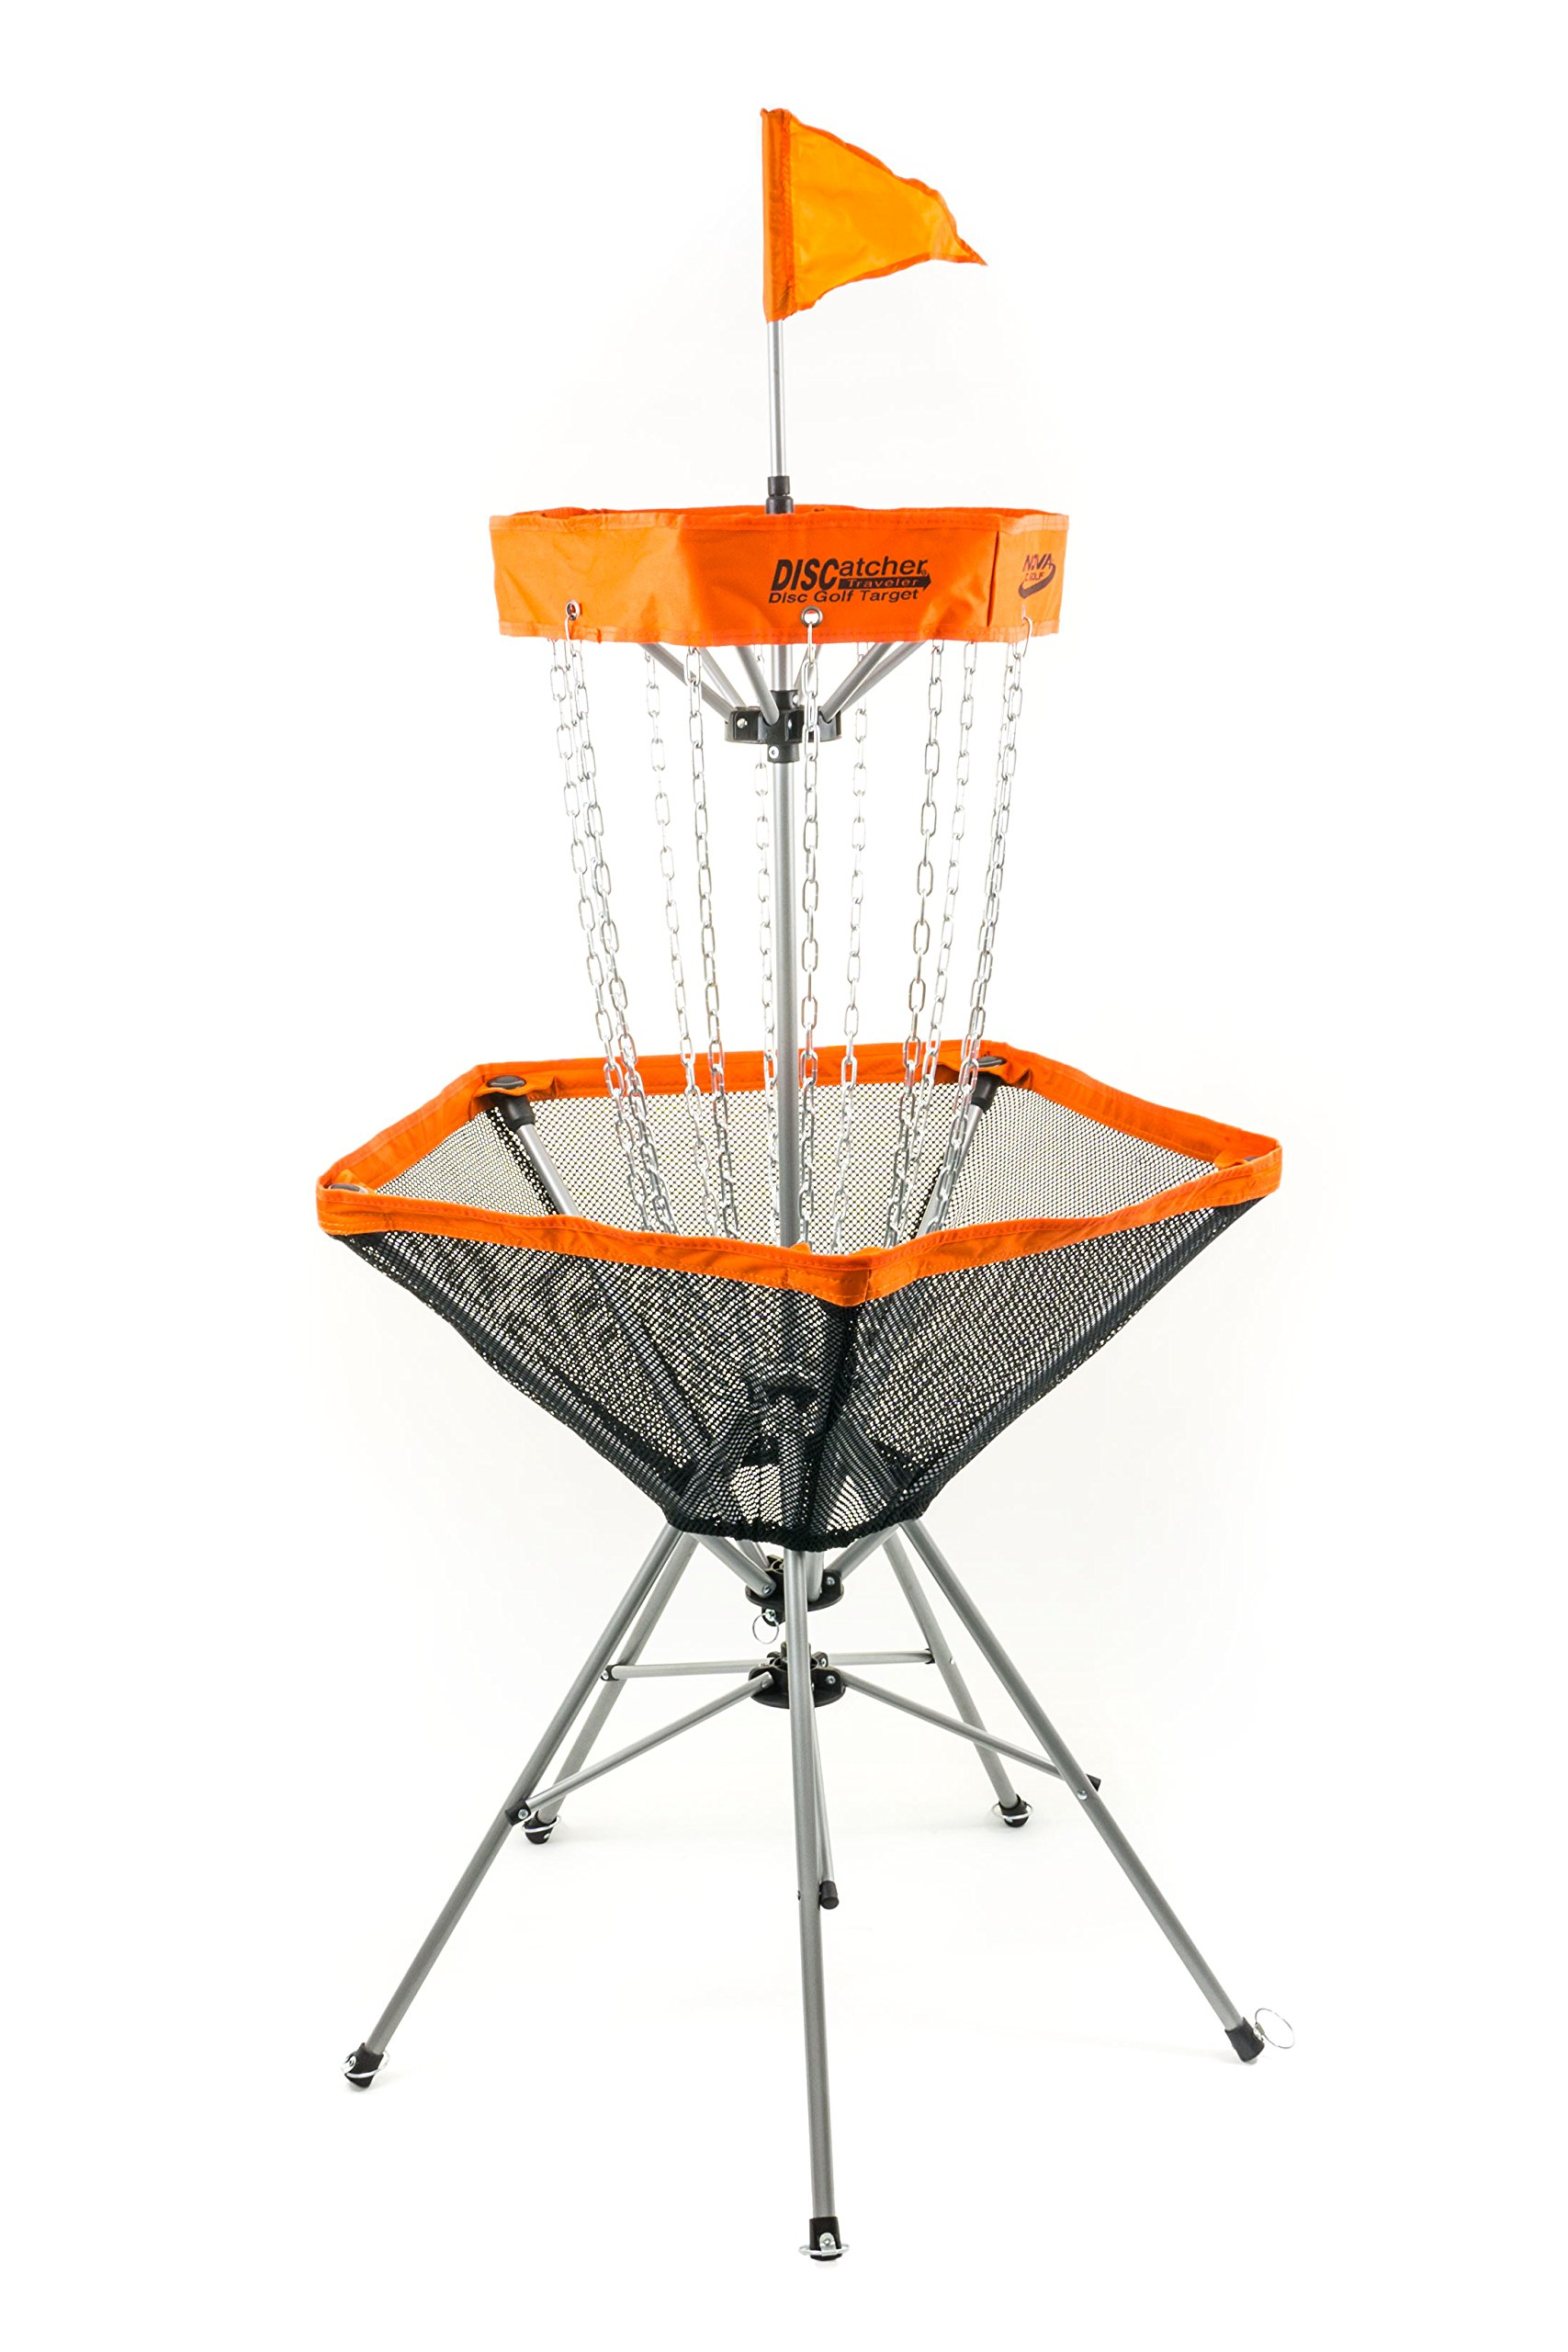 Innova Discatcher Traveler Basket - Orange by Innova